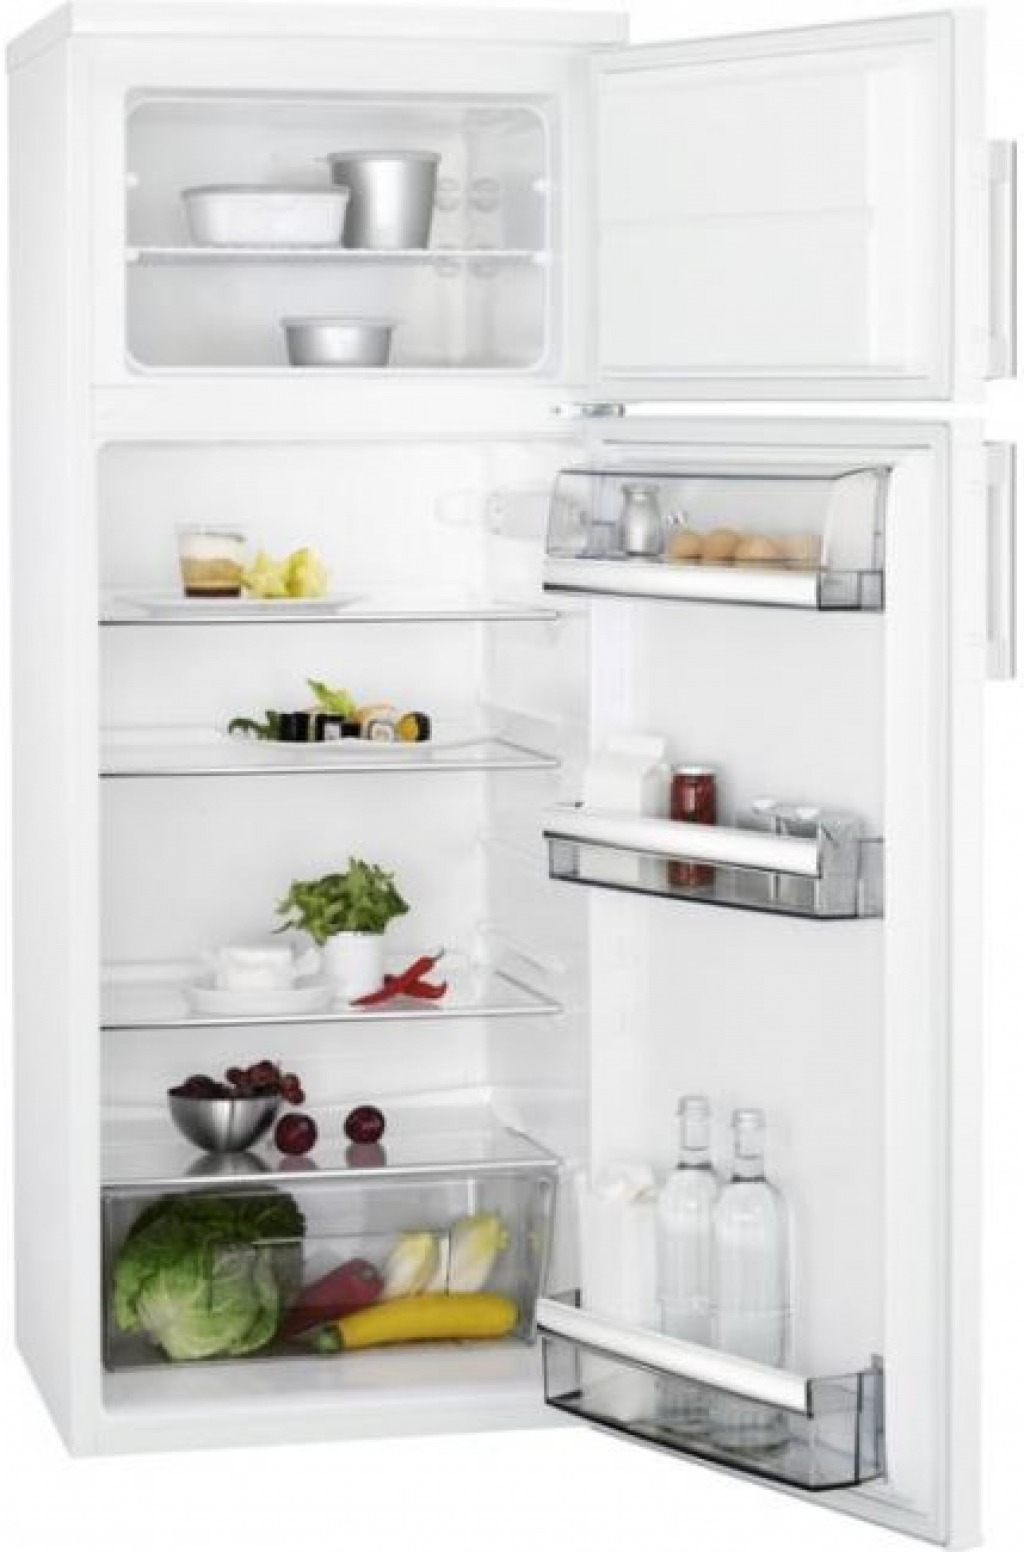 Хладилник с горна камера AEG RDB72321AW